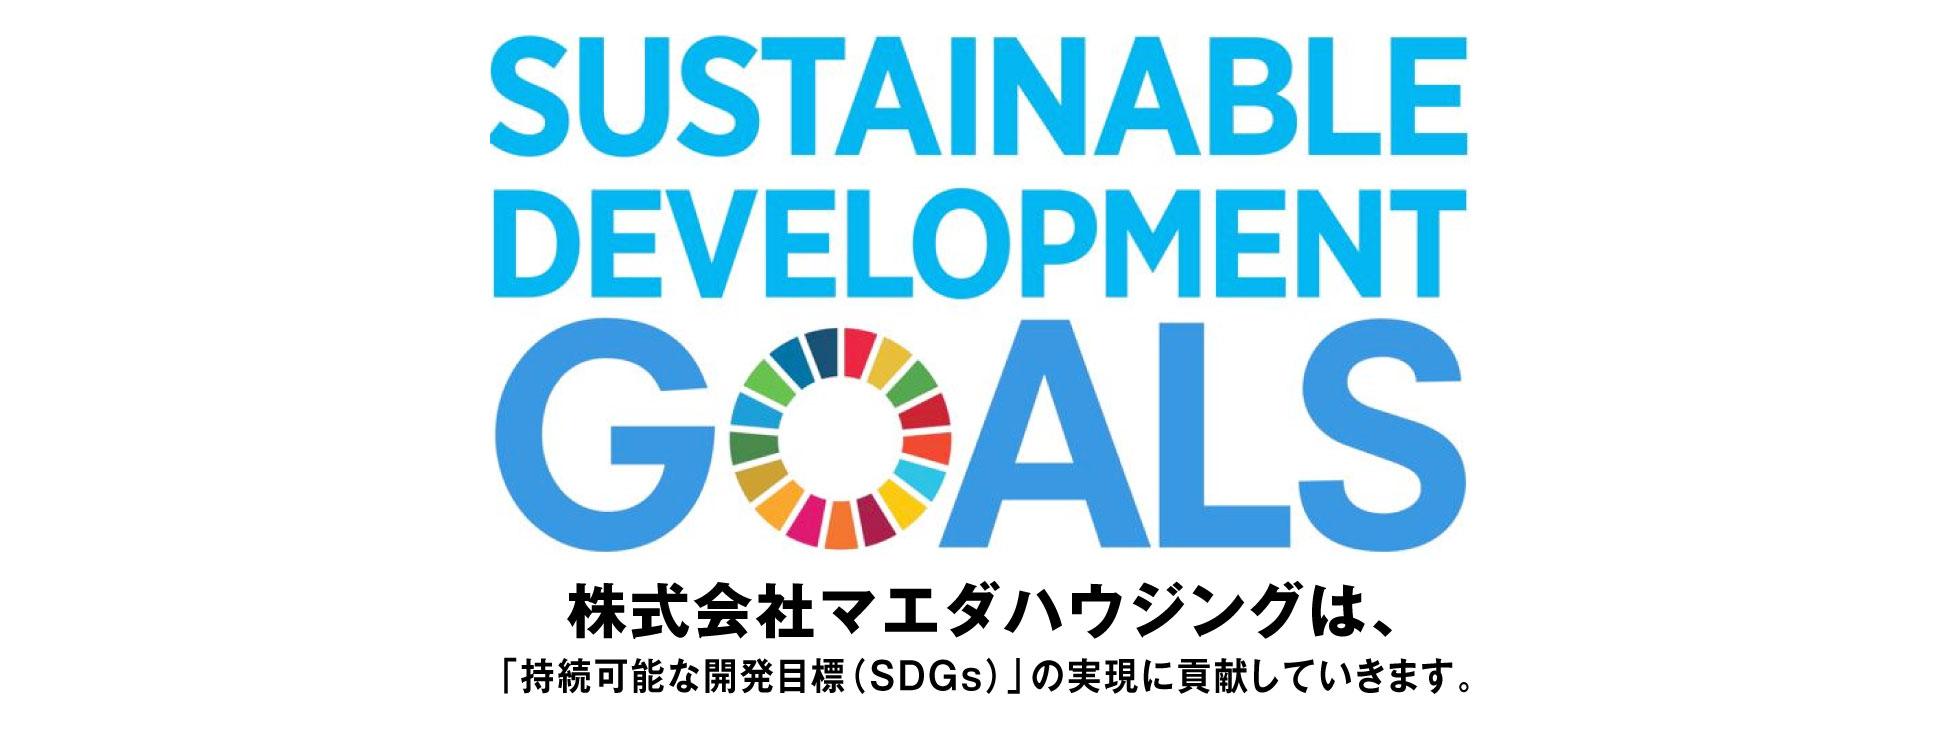 マエダハウジング|持続可能な開発目標(SDGs)とは